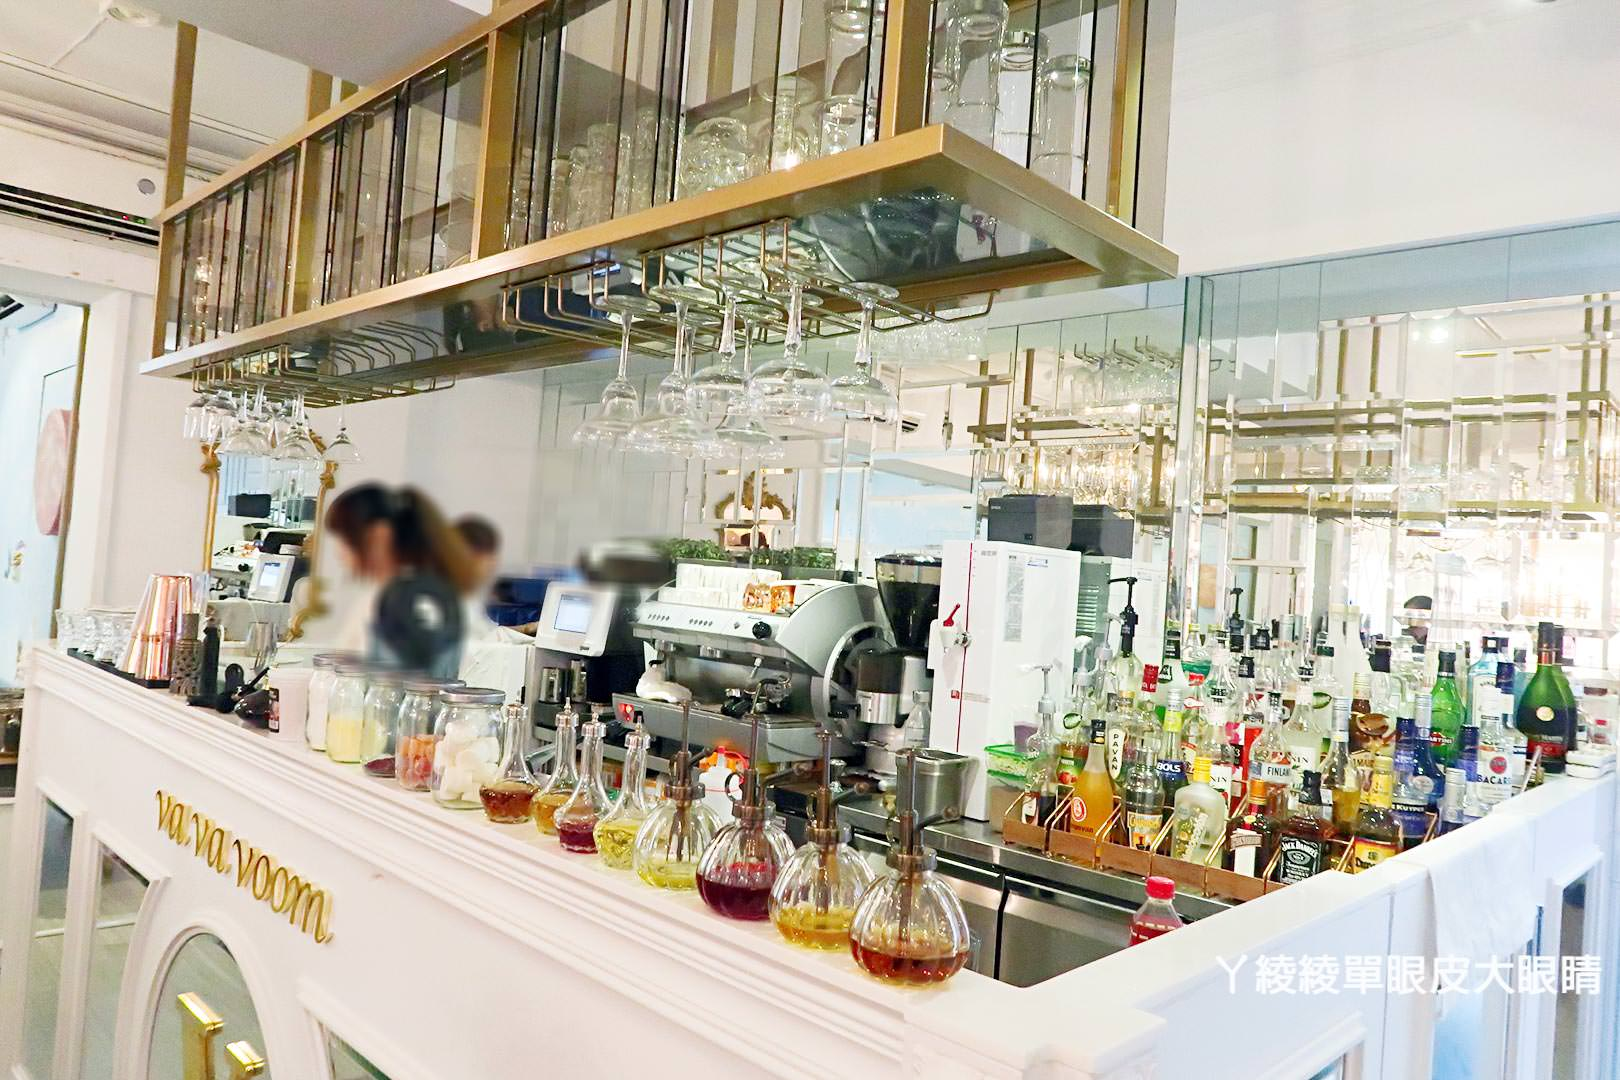 台北東區超人氣打卡地點!VA VA VOOM時尚派對餐廳《韓服婚紗和服旗袍》變裝主題派對